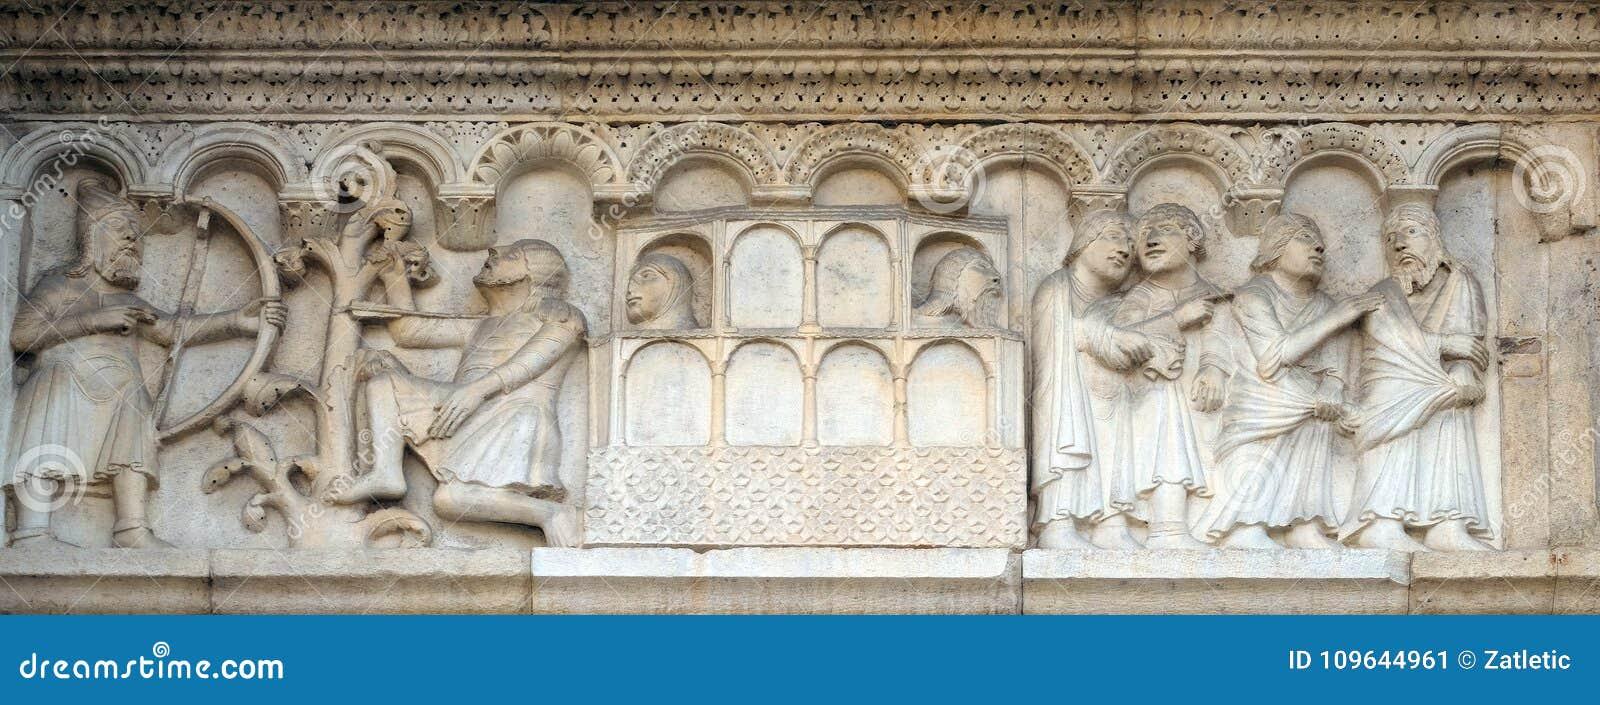 Moord van Cain en de Bak van Noah